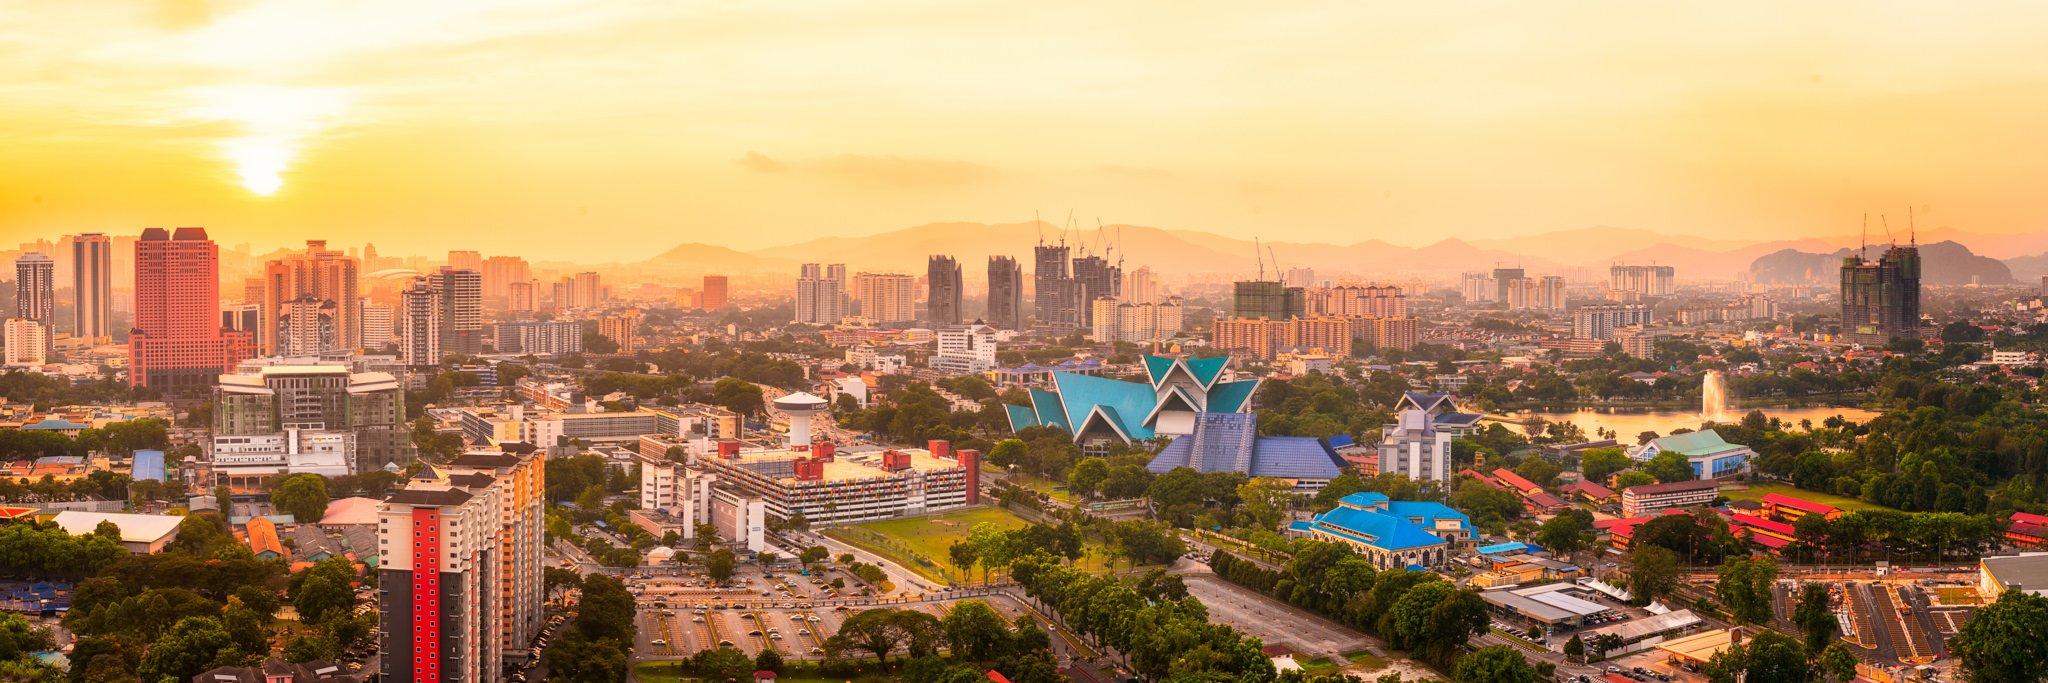 Sonnenuntergang Panorama | Kuala Lumpur, Malaysia